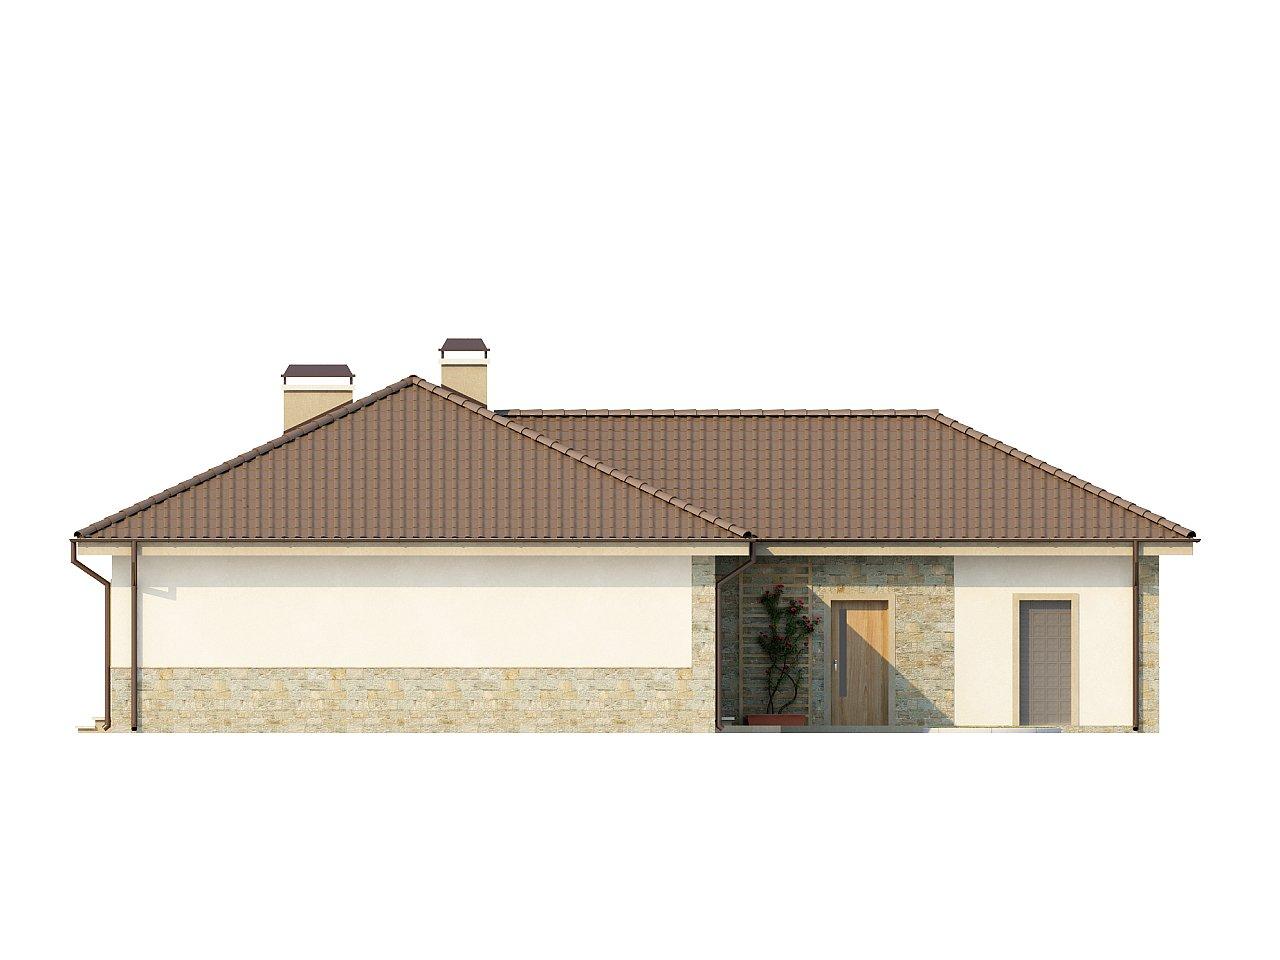 Одноэтажный дом в скандинавском стиле с дополнительной фронтальной террасой и гаражом на две машины. 4